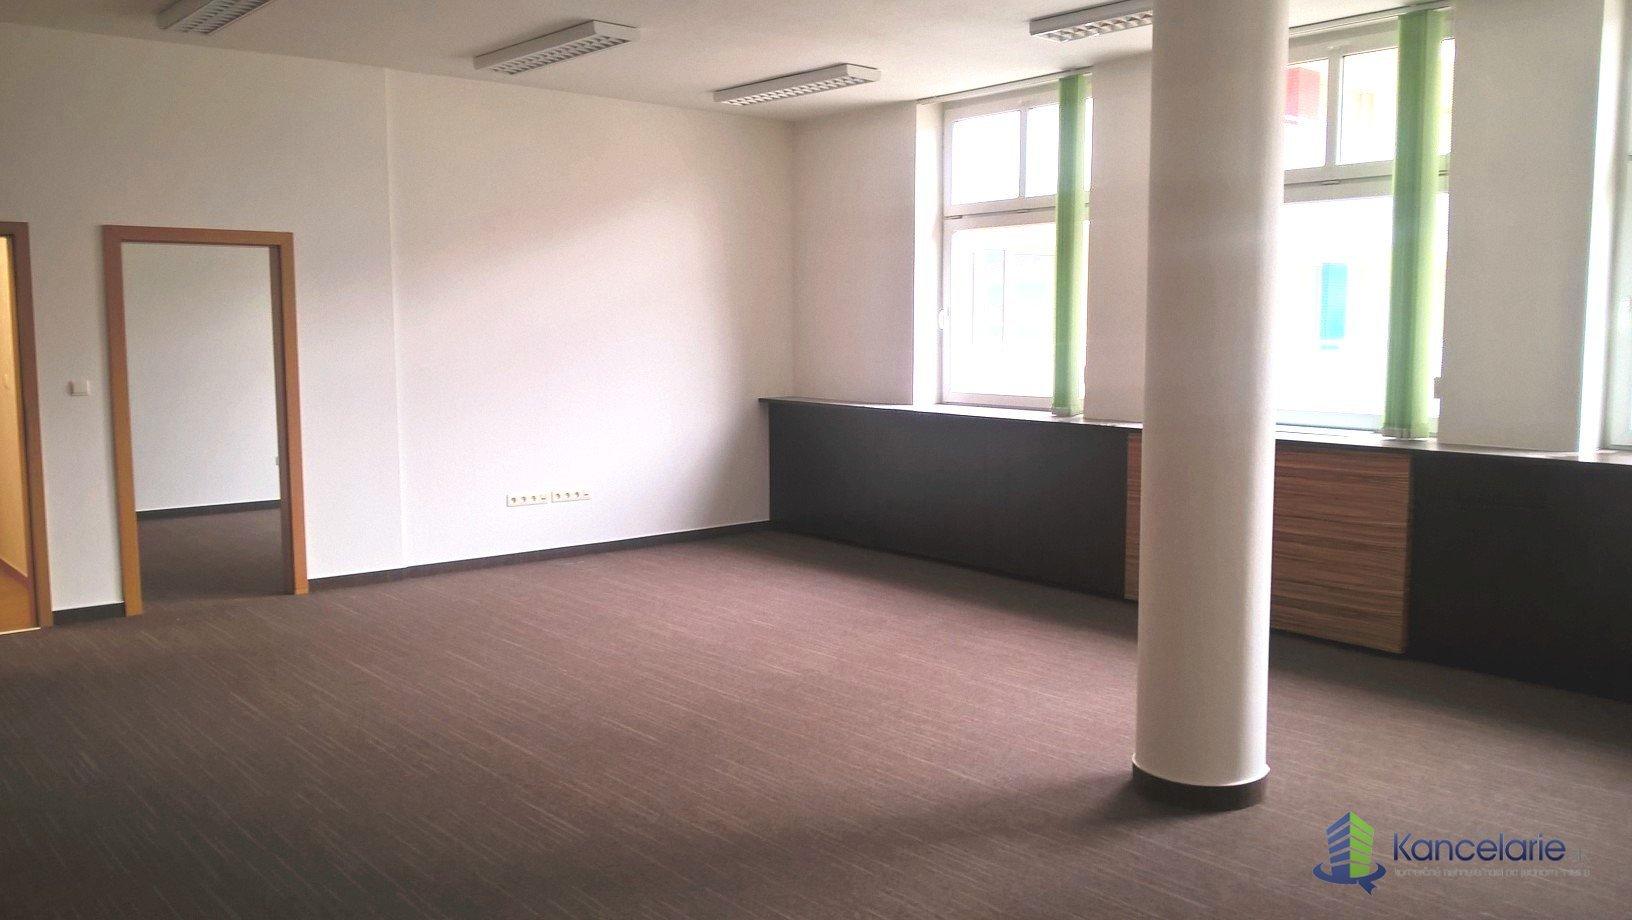 Administratívna budova Rajská, 2. poschodie, Rajská 15/A, Bratislava